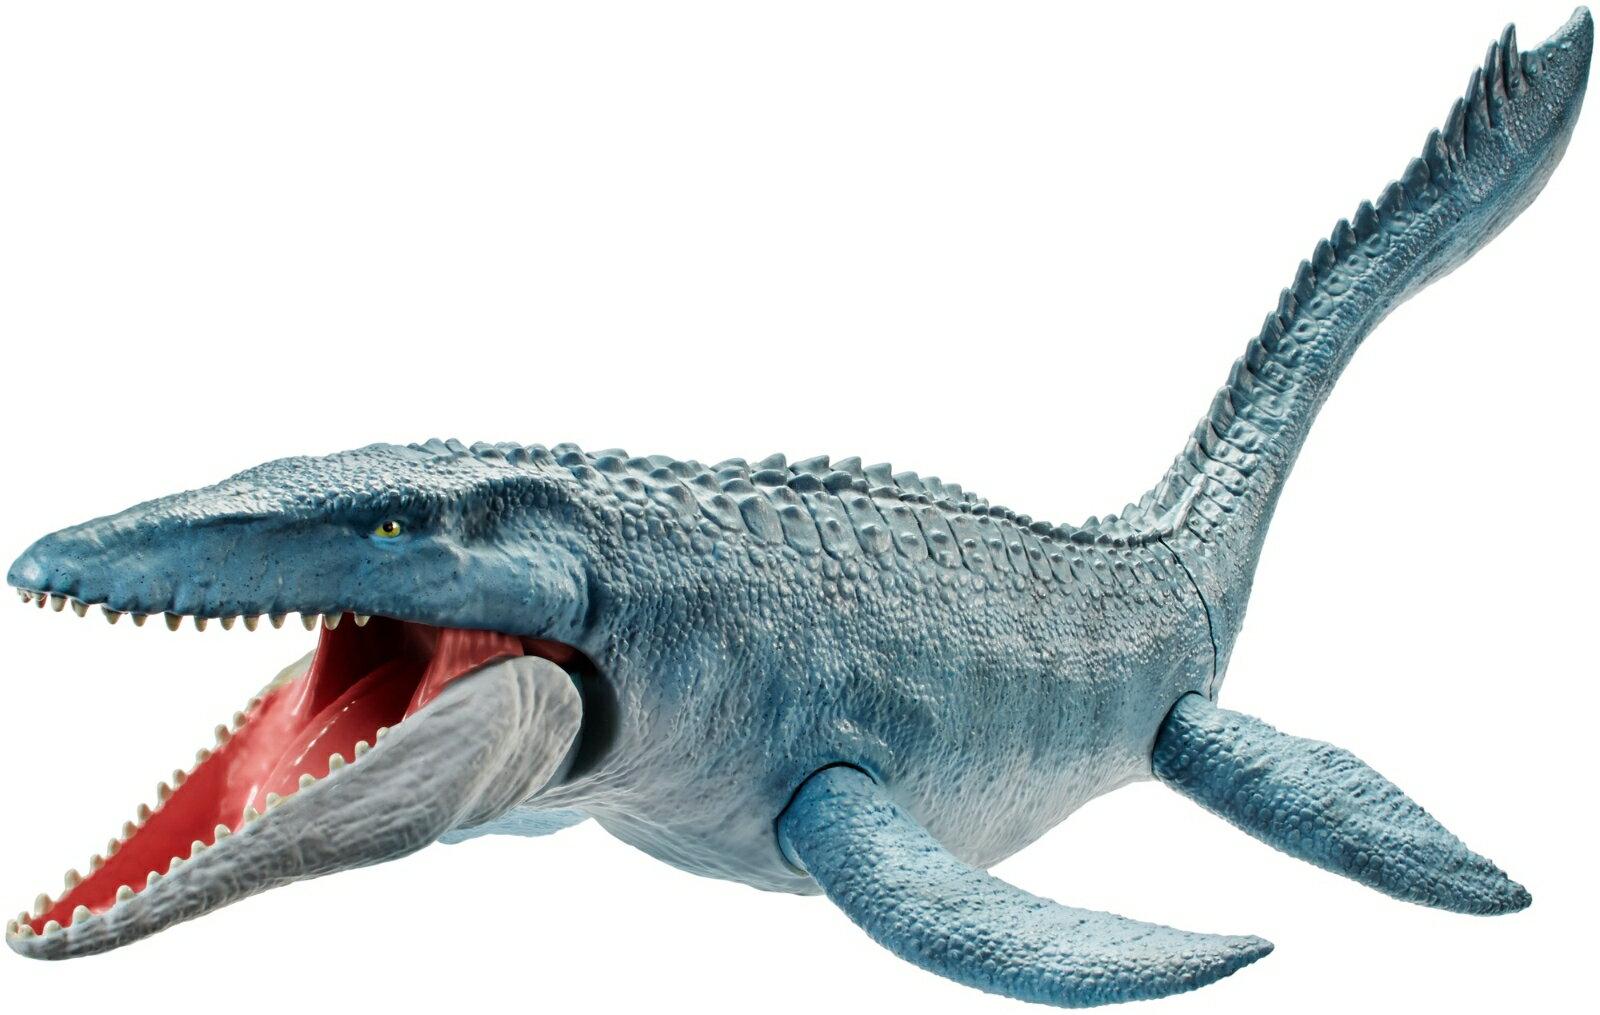 ジュラシック・ワールド ビッグ&リアル! モササウルス 【全長:71.1cm】 FNG24